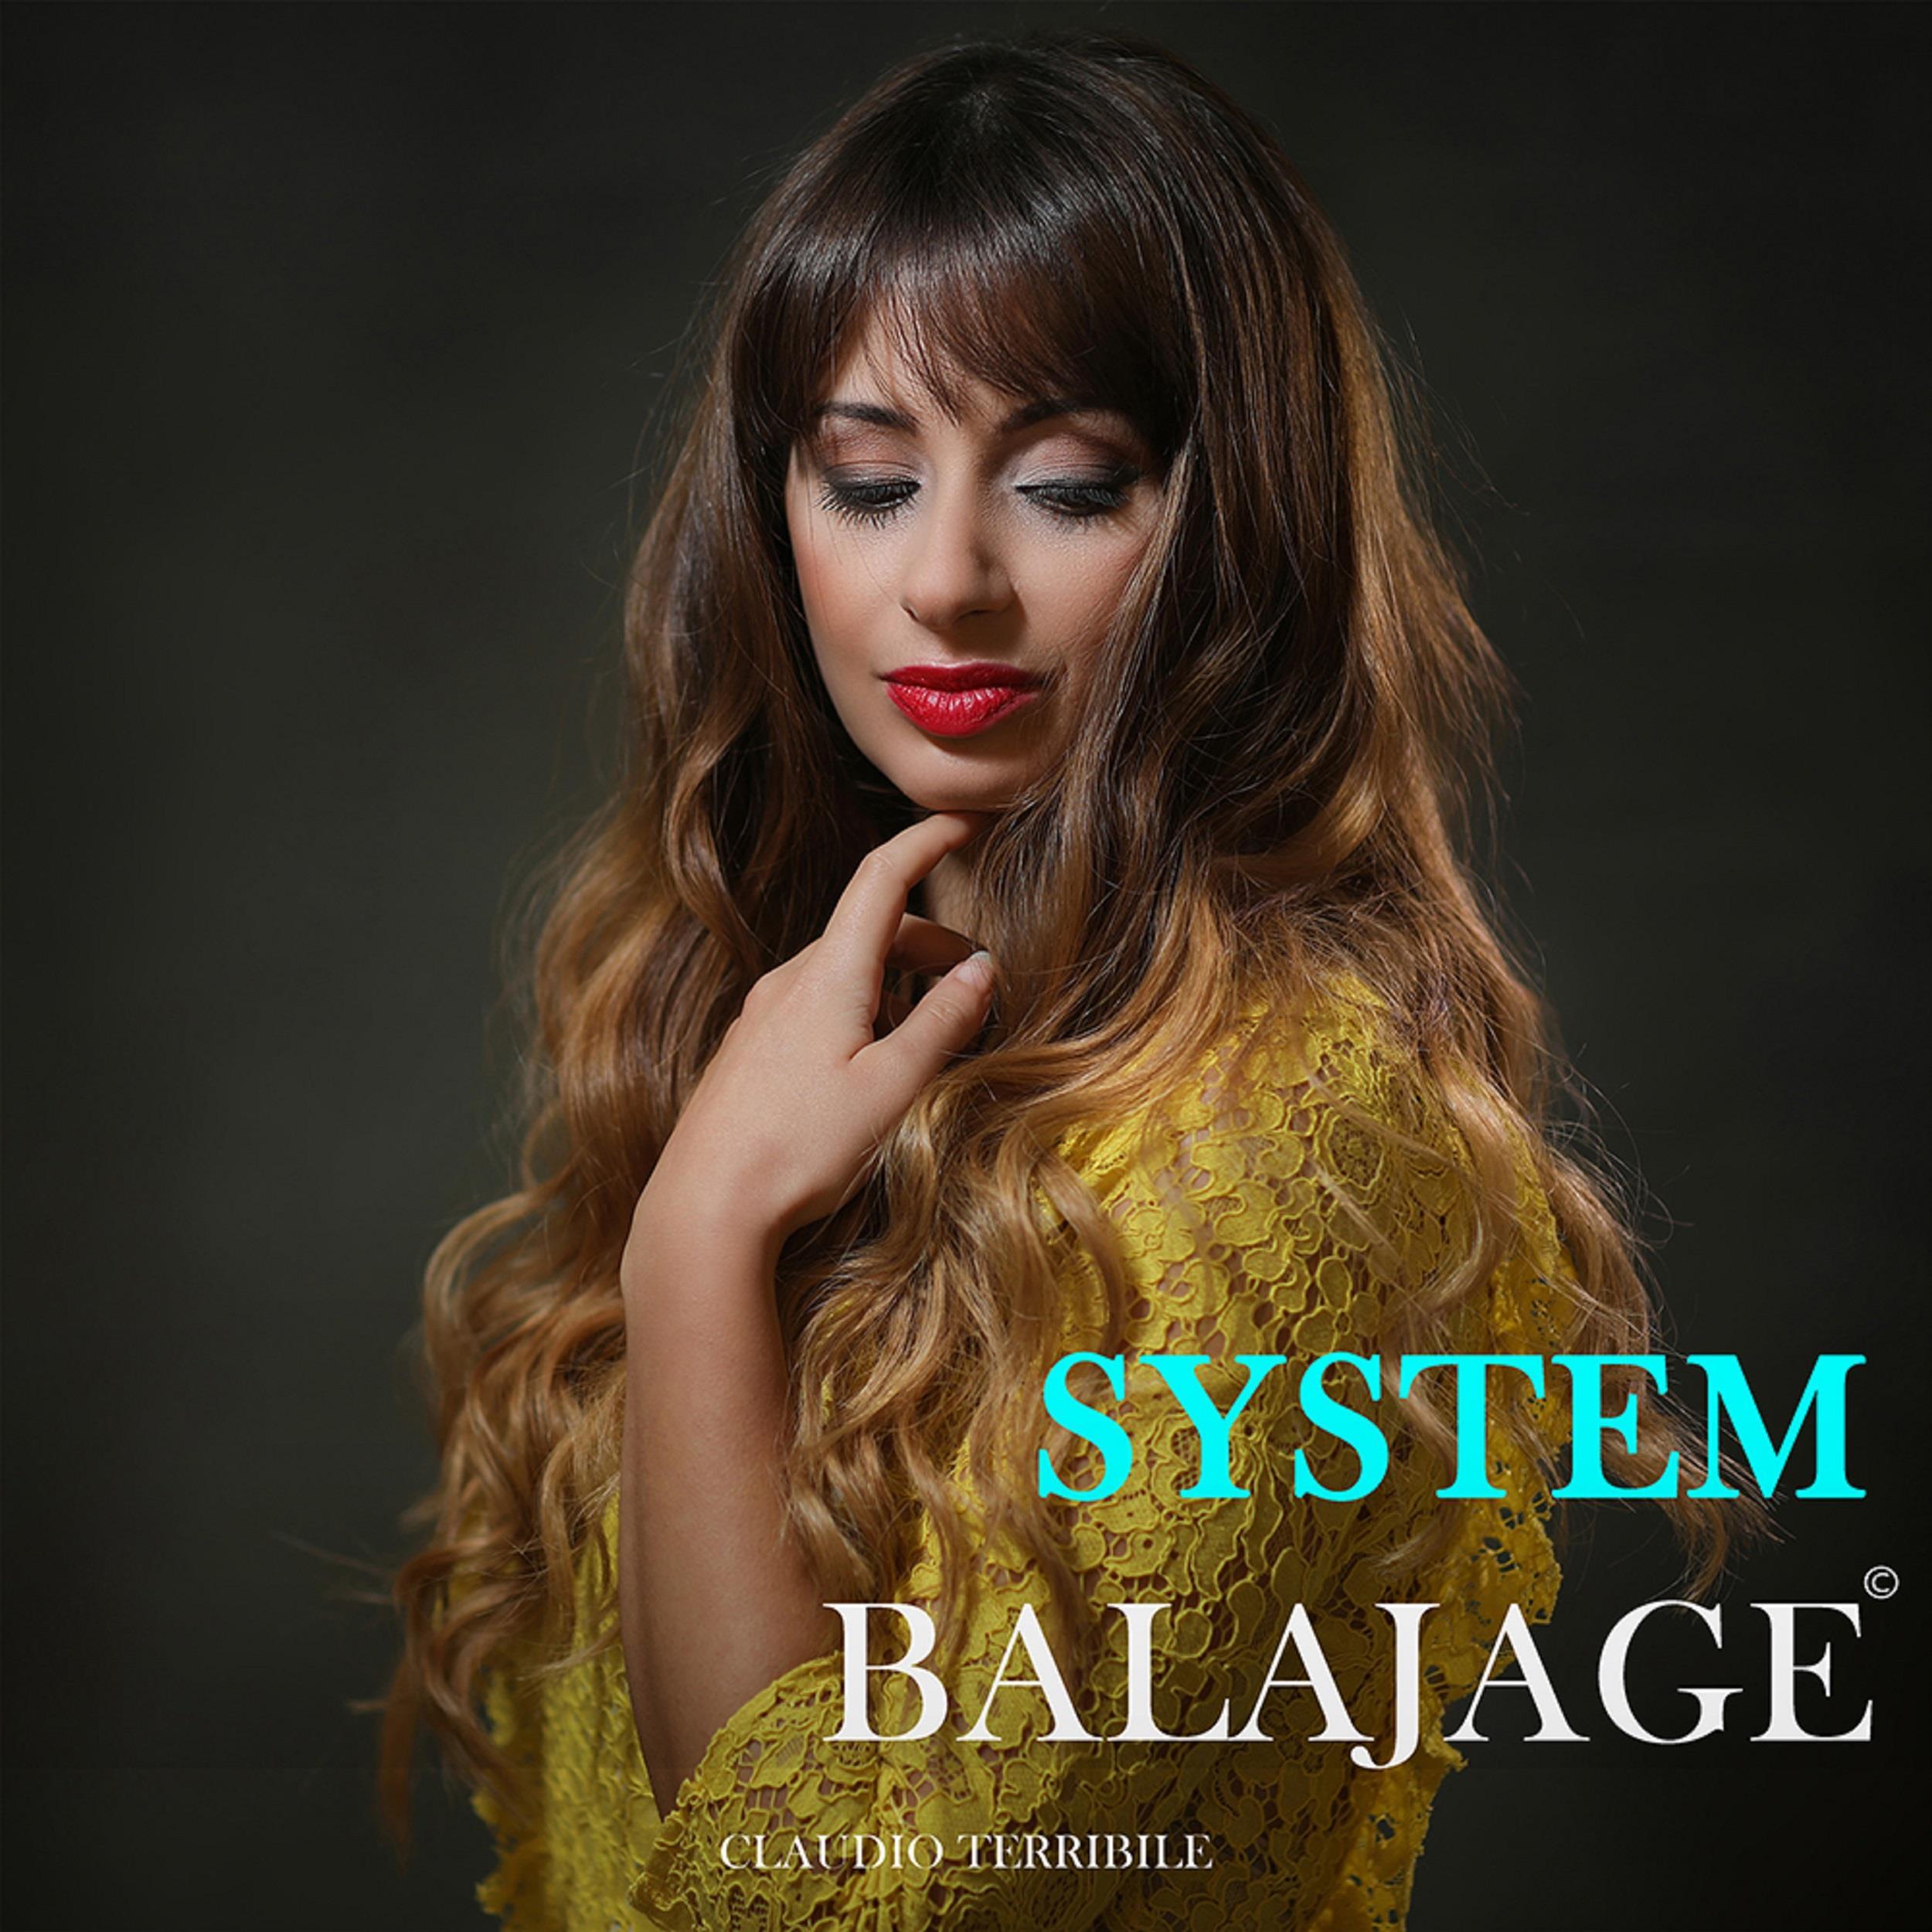 System Balajage